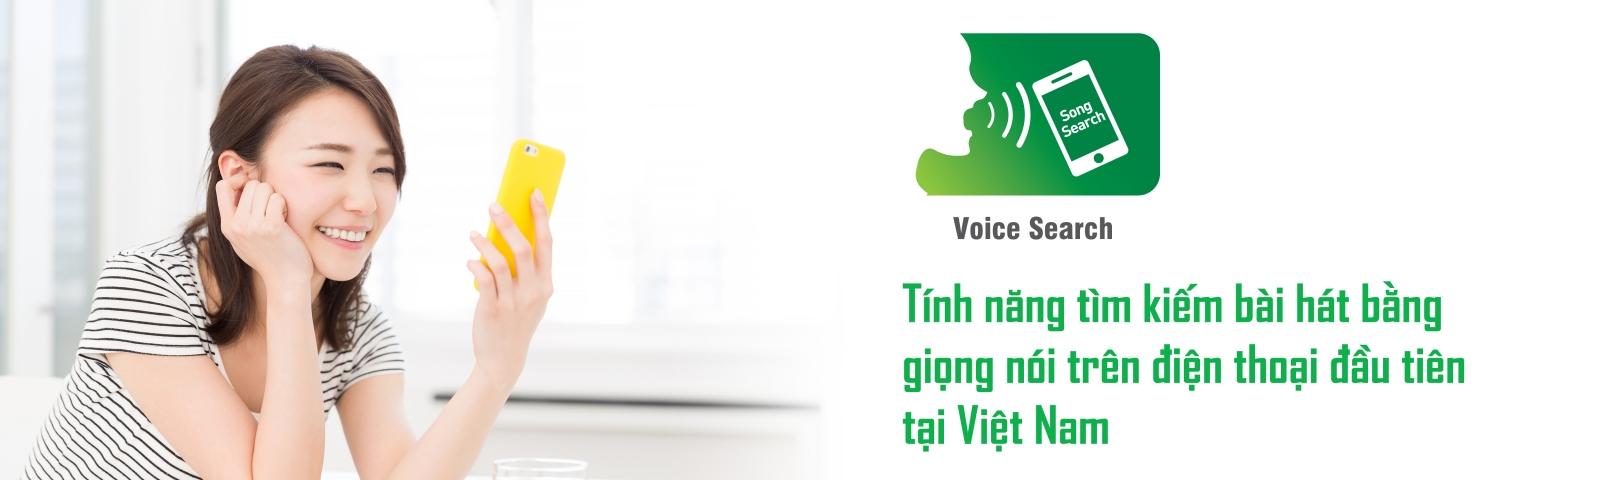 Tính năng Voice trên điện thoại